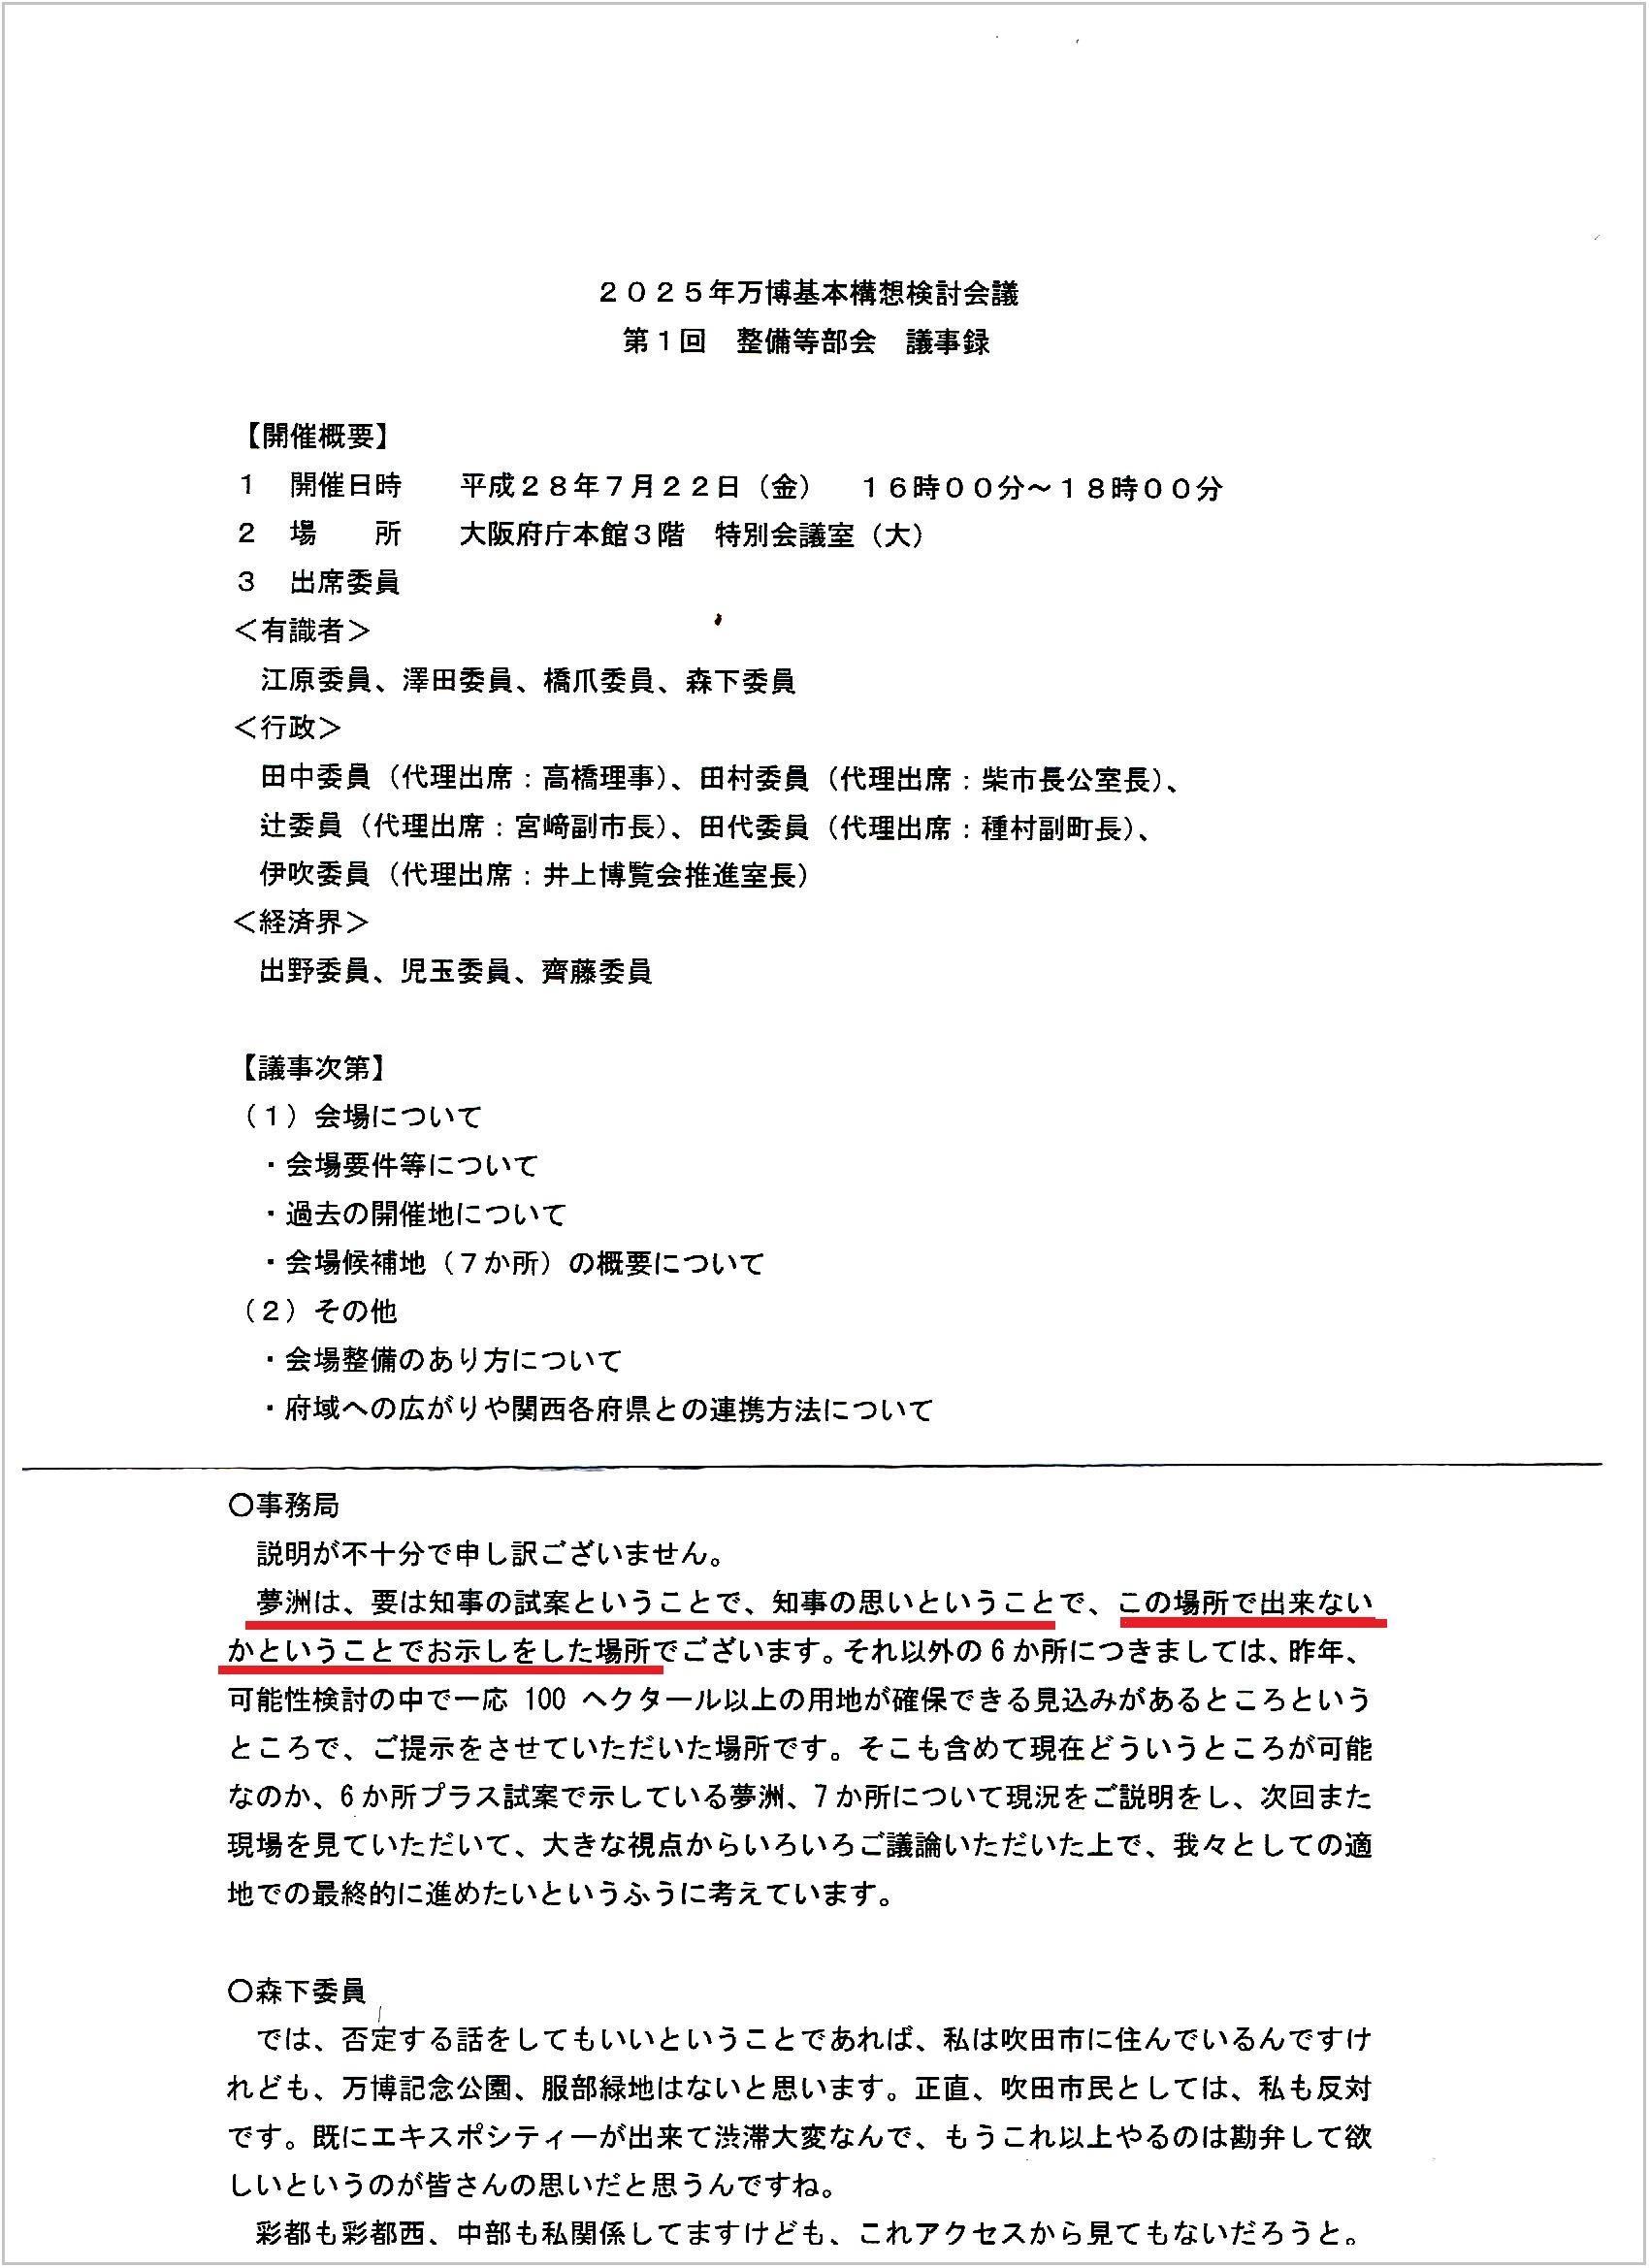 http://hunter-investigate.jp/news/ece82370cde925d29f809a4efe7d207e751dbd35.jpg